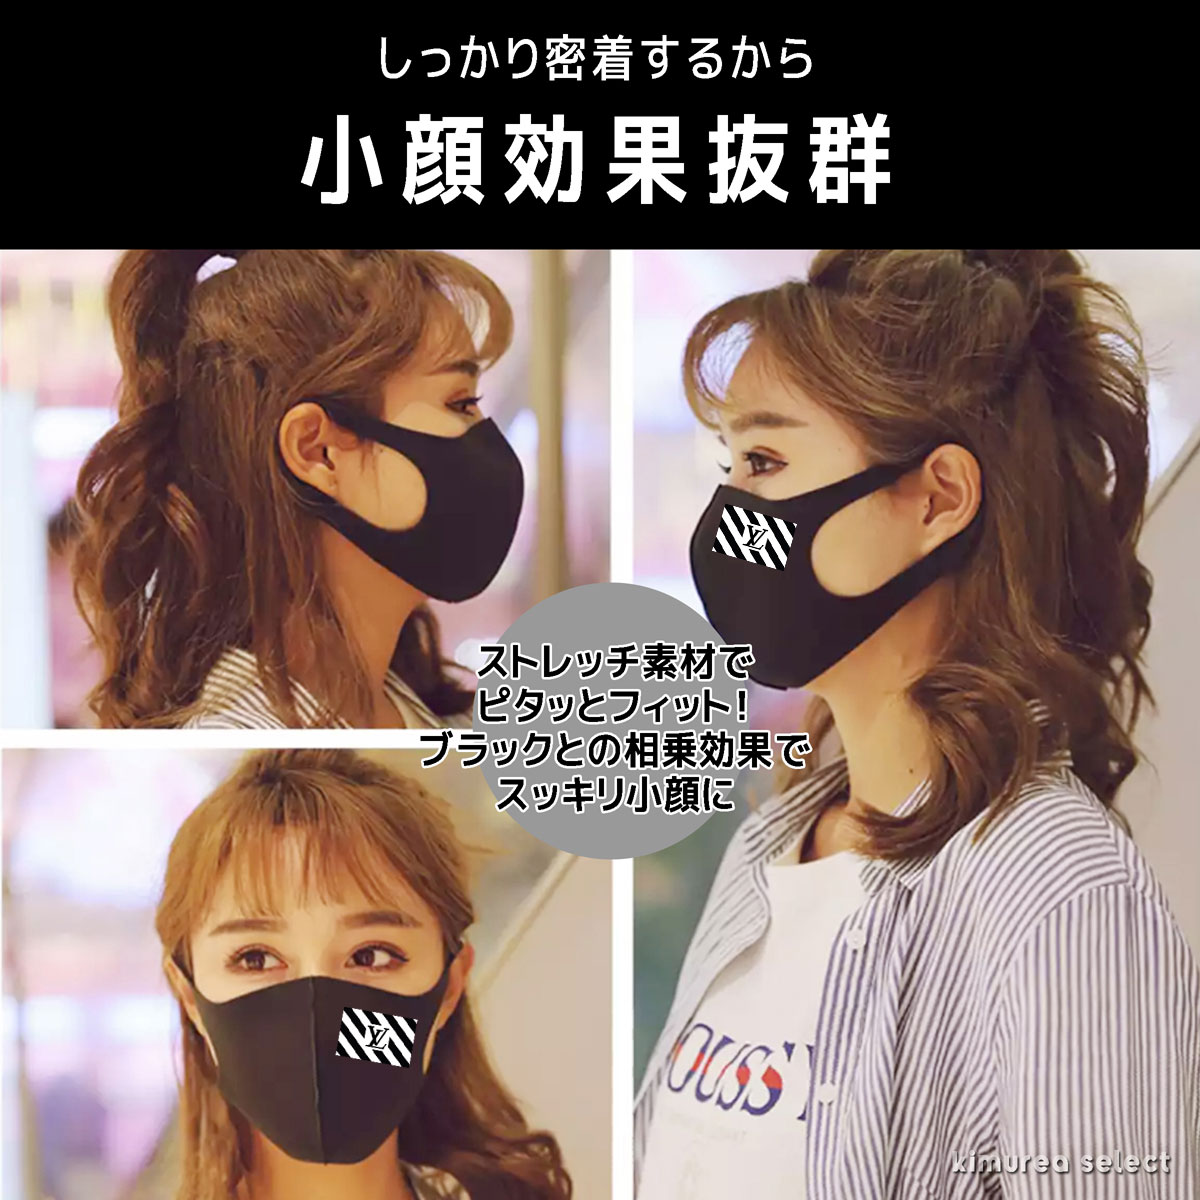 夏用 布マスク通気性が良いブランドLVマスク夏でもひんやり快適